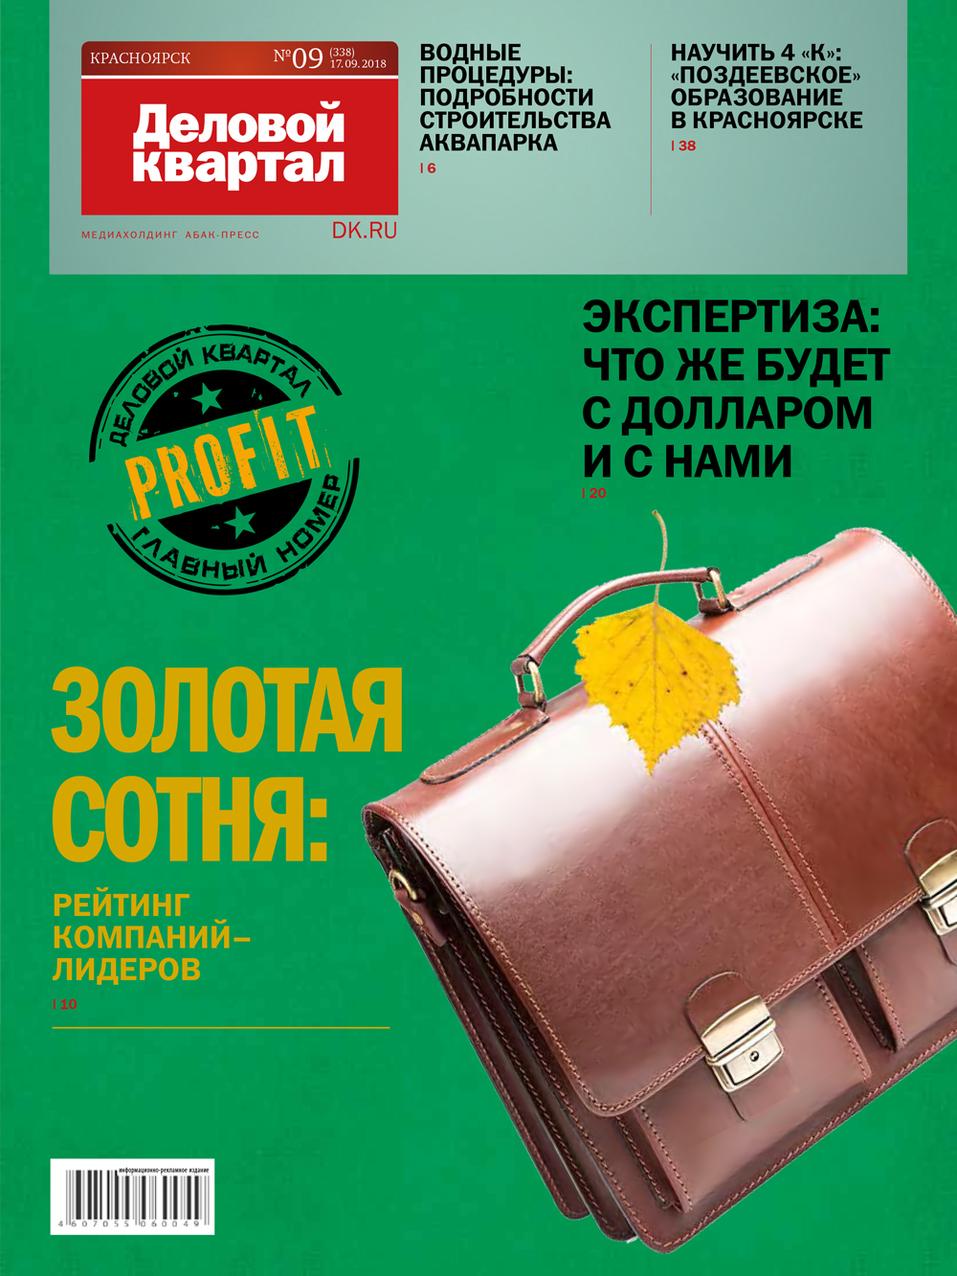 Архив журнала «Деловой квартал»-Красноярск 7